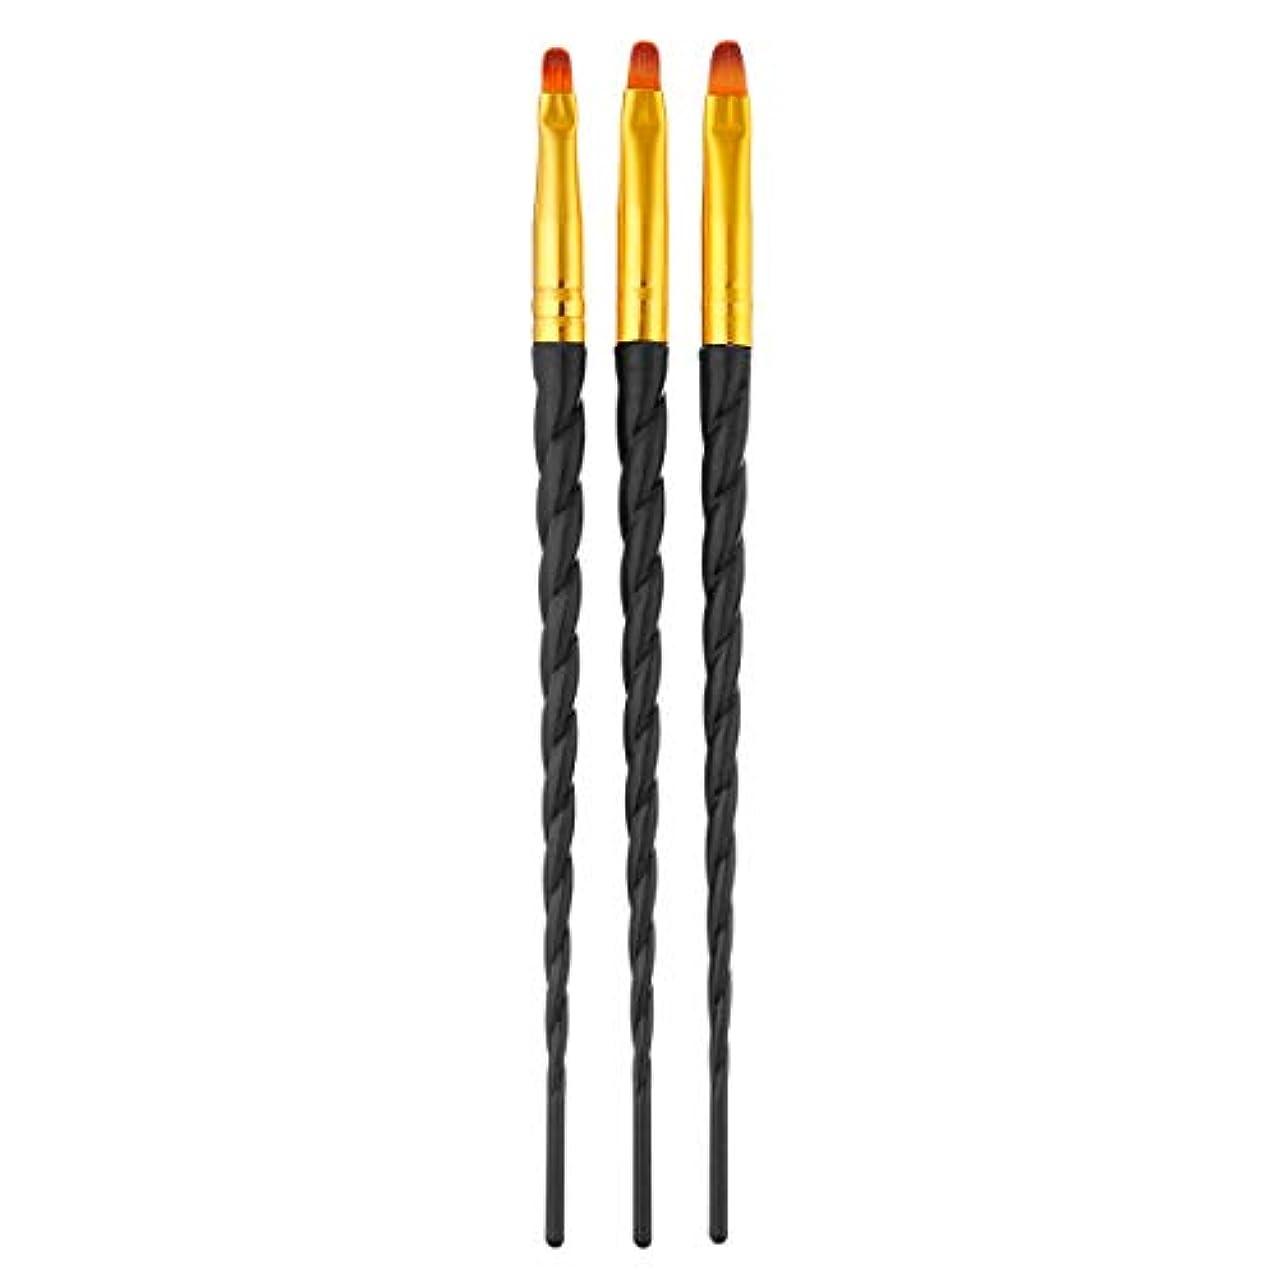 レモン忍耐アーティストTOOGOO 3ピース/セット、ネイルアート、スレッド、アクリルuvジェルの延長ビルダー、絵画ブラシのパターンのデザイン、描画用ペン、マニキュアツール、ブラック